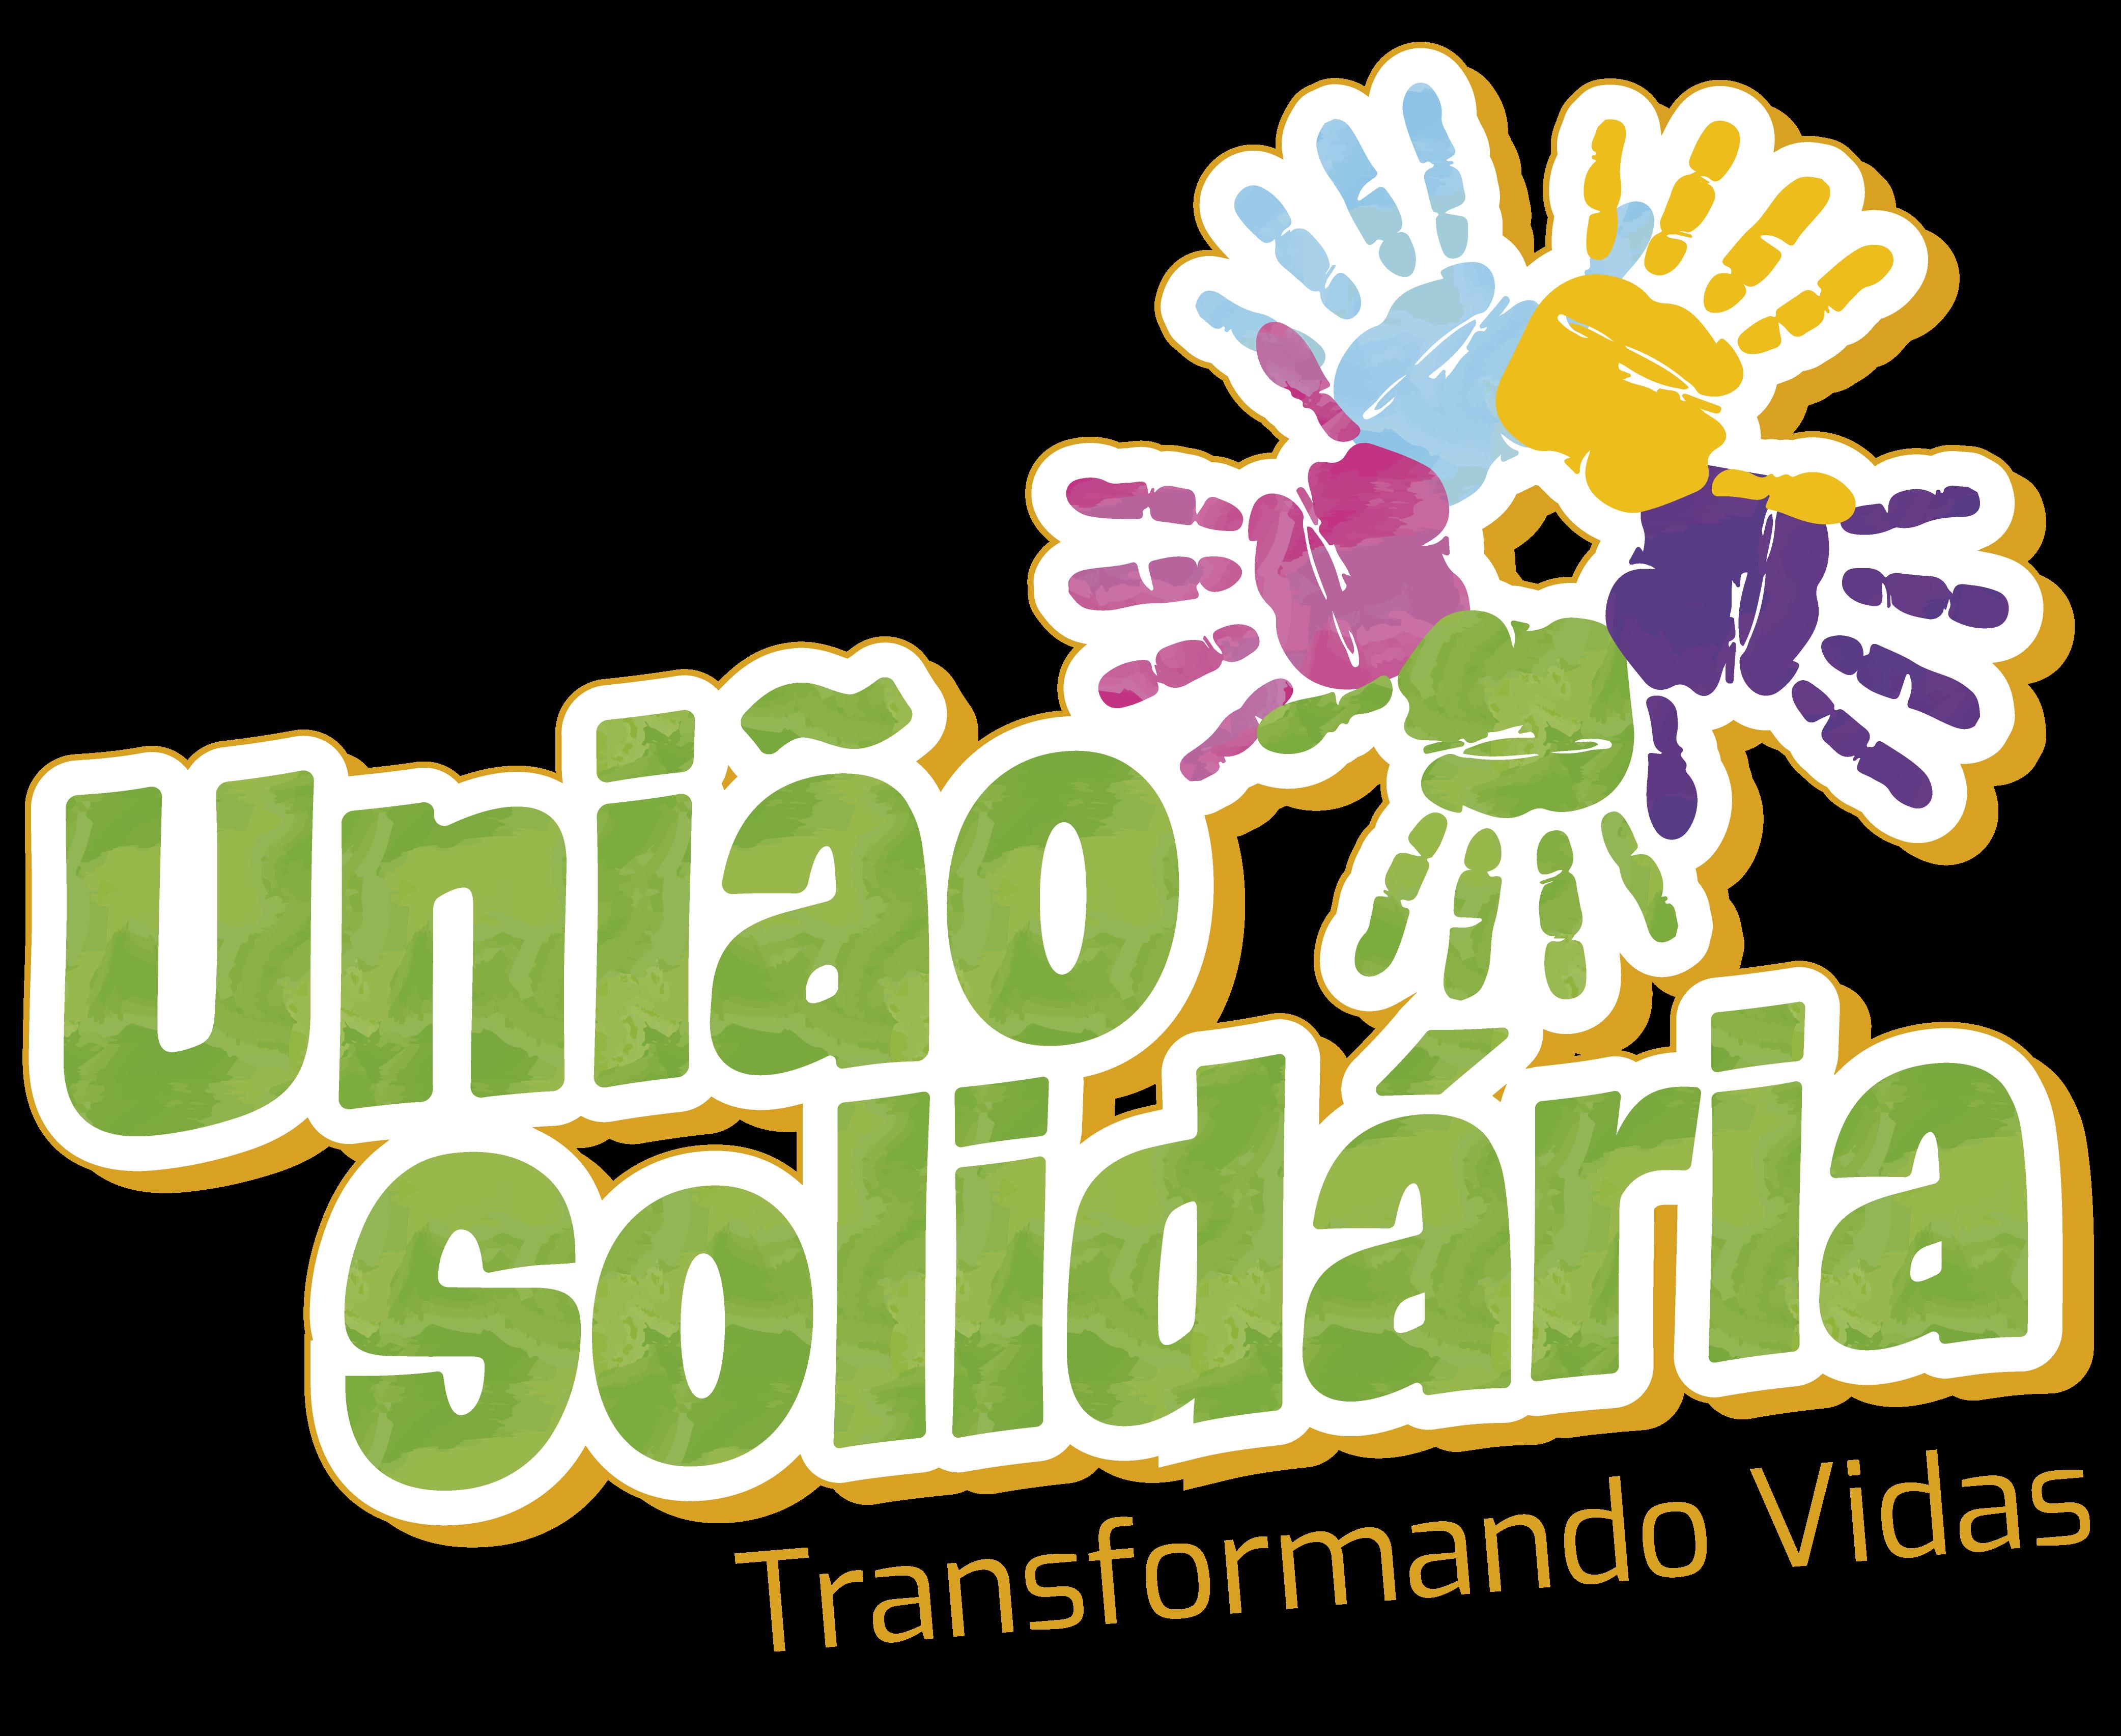 União-Solidária-Transformando-Vidas-Logo